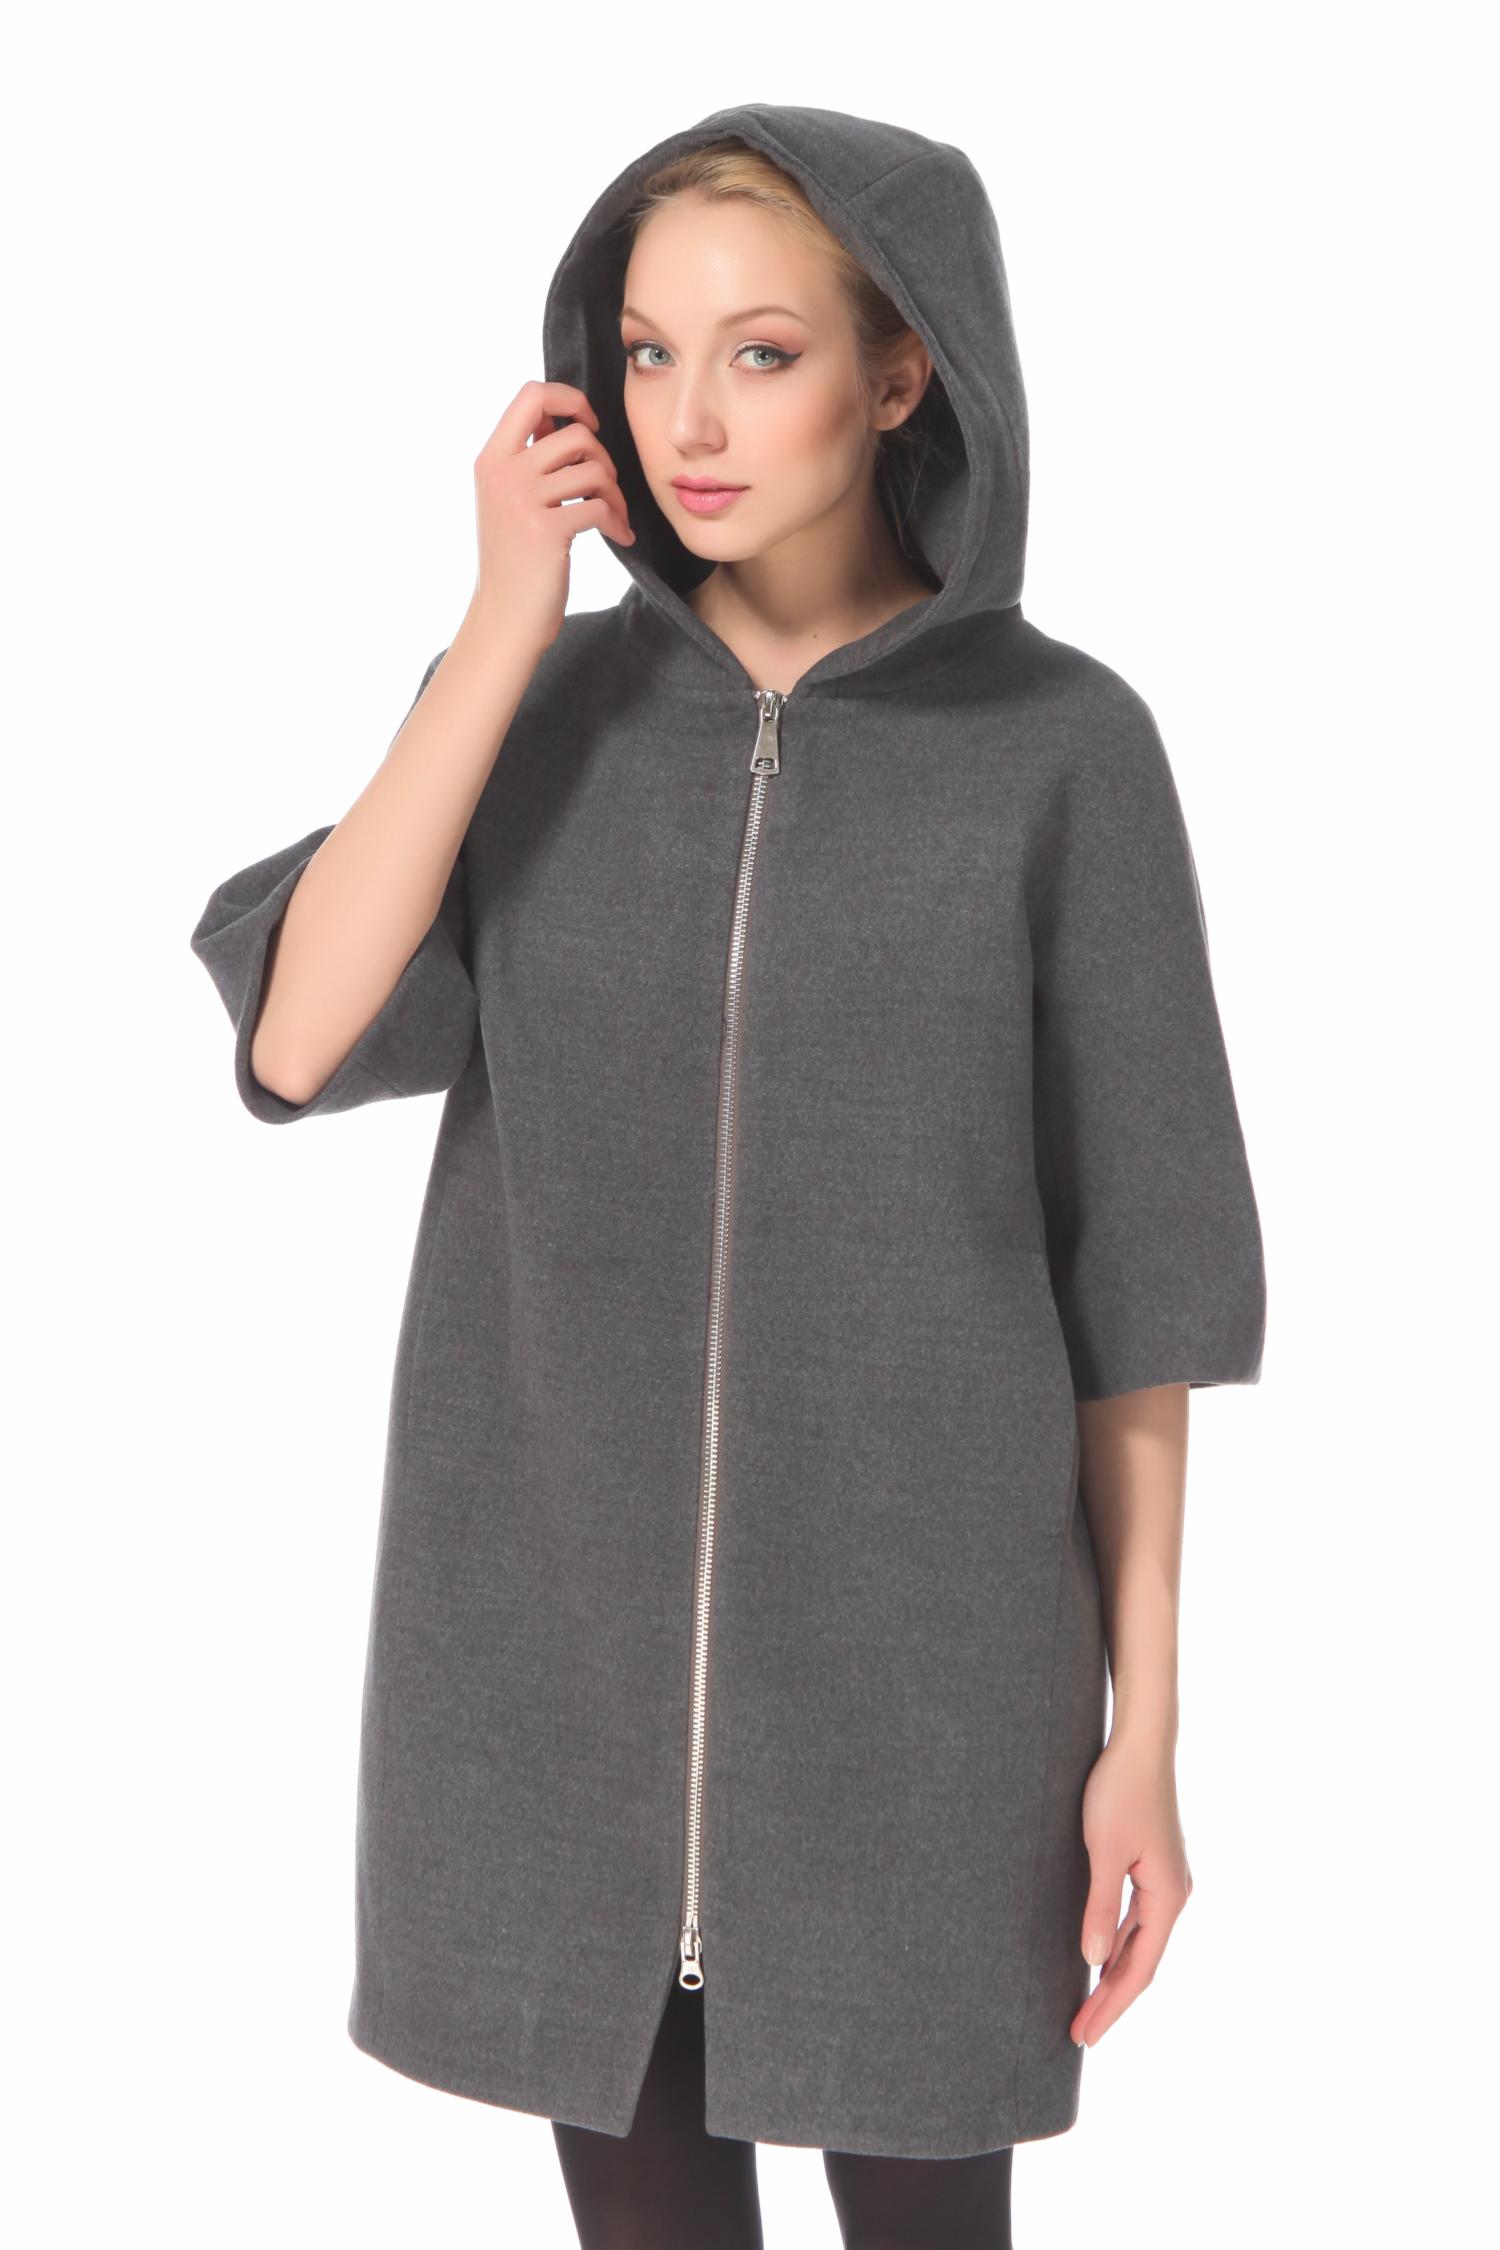 Женское пальто с капюшоном, без отделкиПальто-трансформер от Московской меховой компании выполнено из кашемира серого цвета.<br><br>Модель прямого силуэта с застежкой на молнию.<br><br>Детали: несъемный капюшон; карманы без застежки; куртка бордового цвета выполнена из полиэстера; утеплитель - тинсулайт; куртка крепится на молнию; застежка куртки - кнопки и молния; подкладка из полиэстера.<br><br>Воротник: капюшон<br>Длина см: Длинная (свыше 90)<br>Материал: Комбинированный состав<br>Цвет: серый<br>Застежка: на молнии<br>Пол: Женский<br>Размер RU: 52